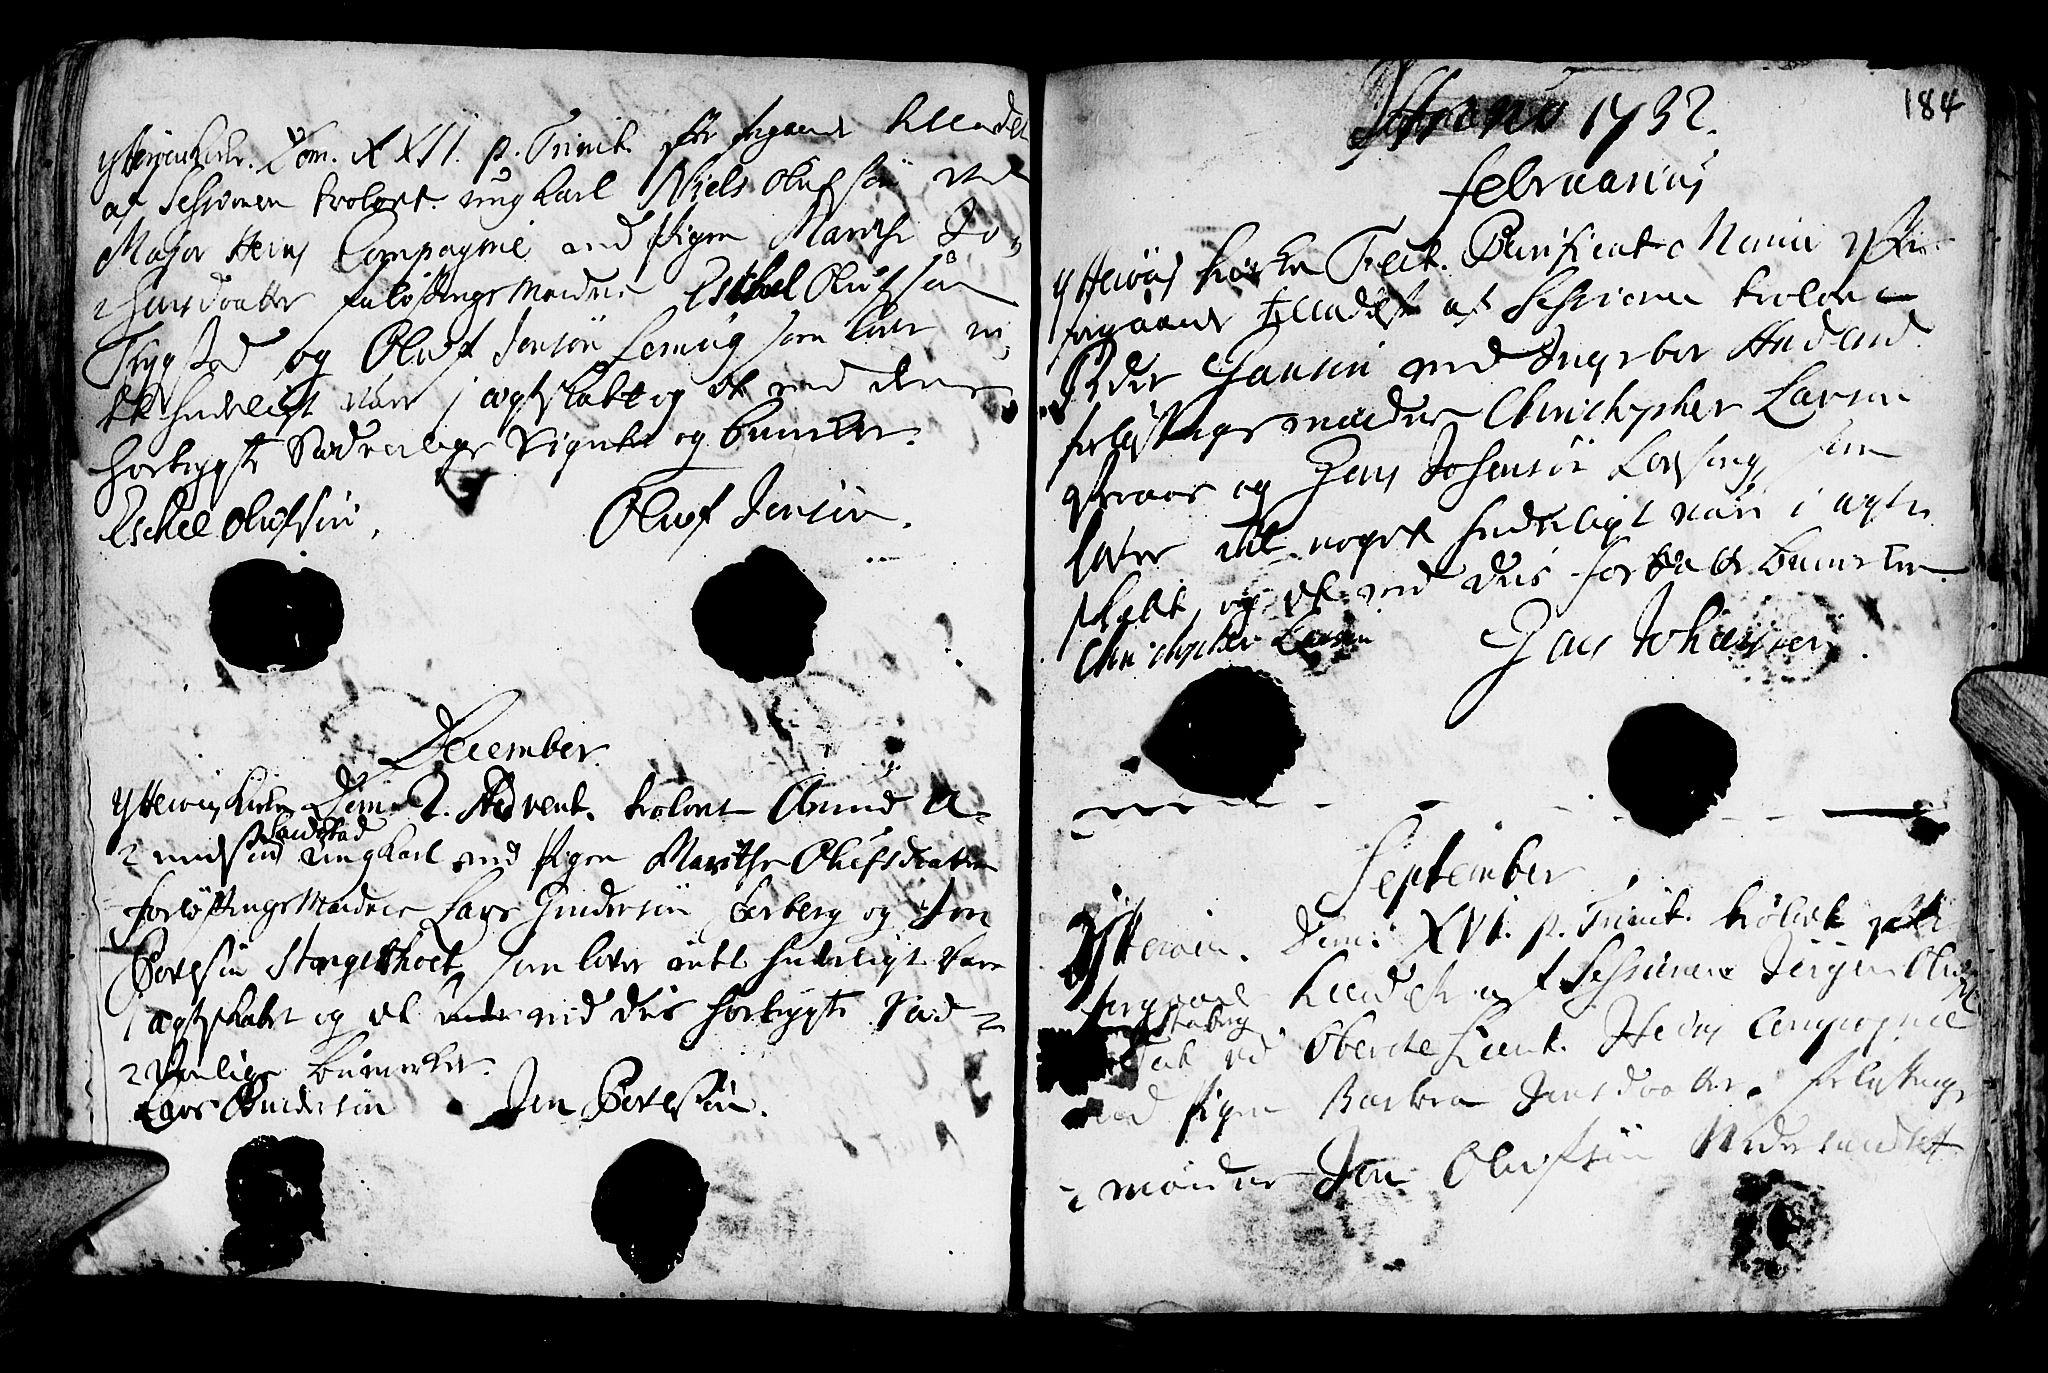 SAT, Ministerialprotokoller, klokkerbøker og fødselsregistre - Nord-Trøndelag, 722/L0215: Ministerialbok nr. 722A02, 1718-1755, s. 184